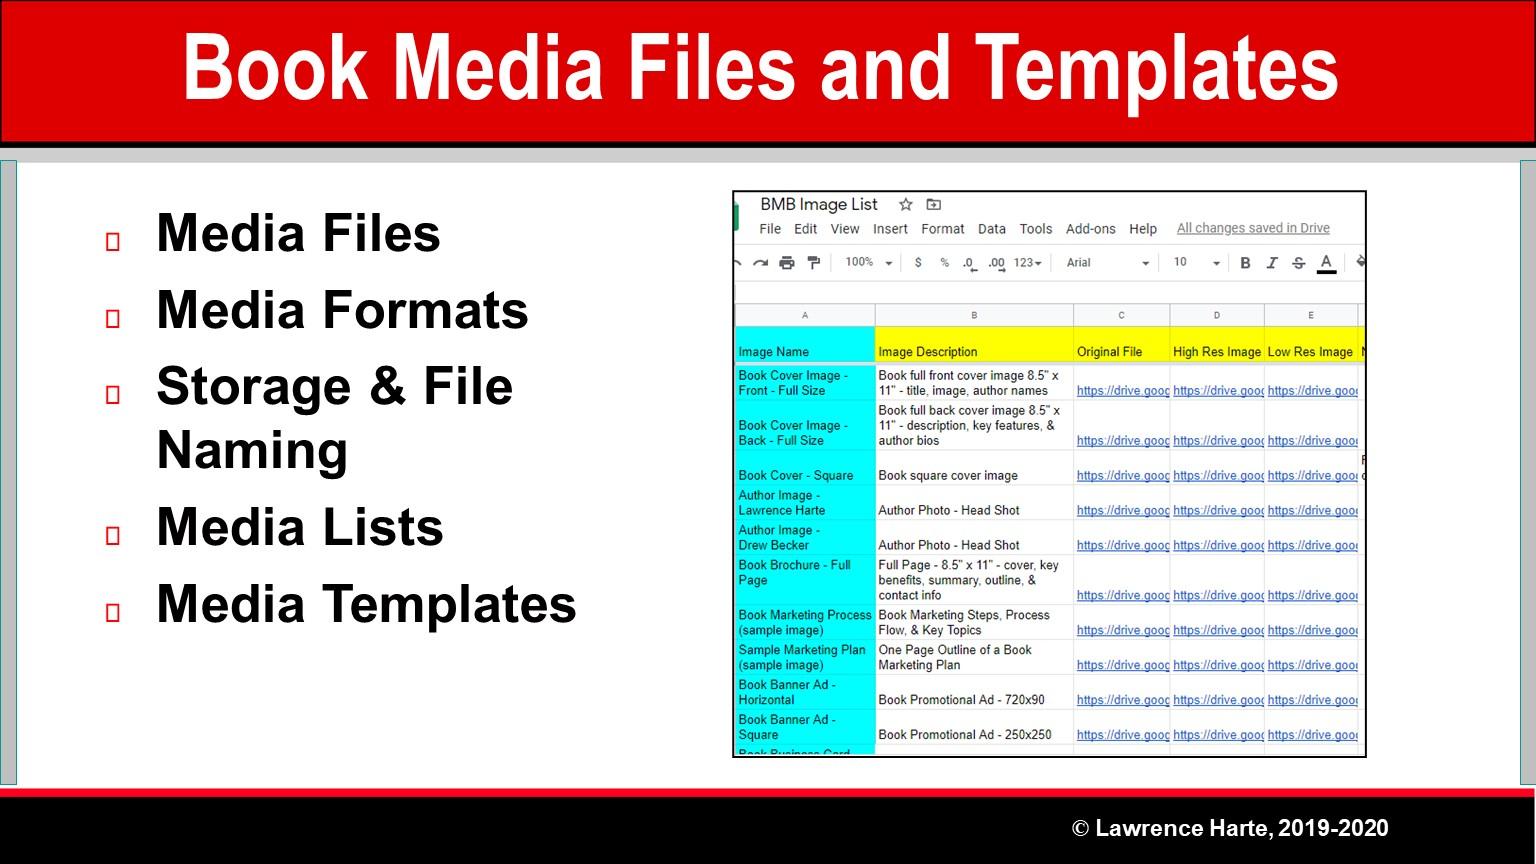 Book Pre-Launch Marketing Media Files